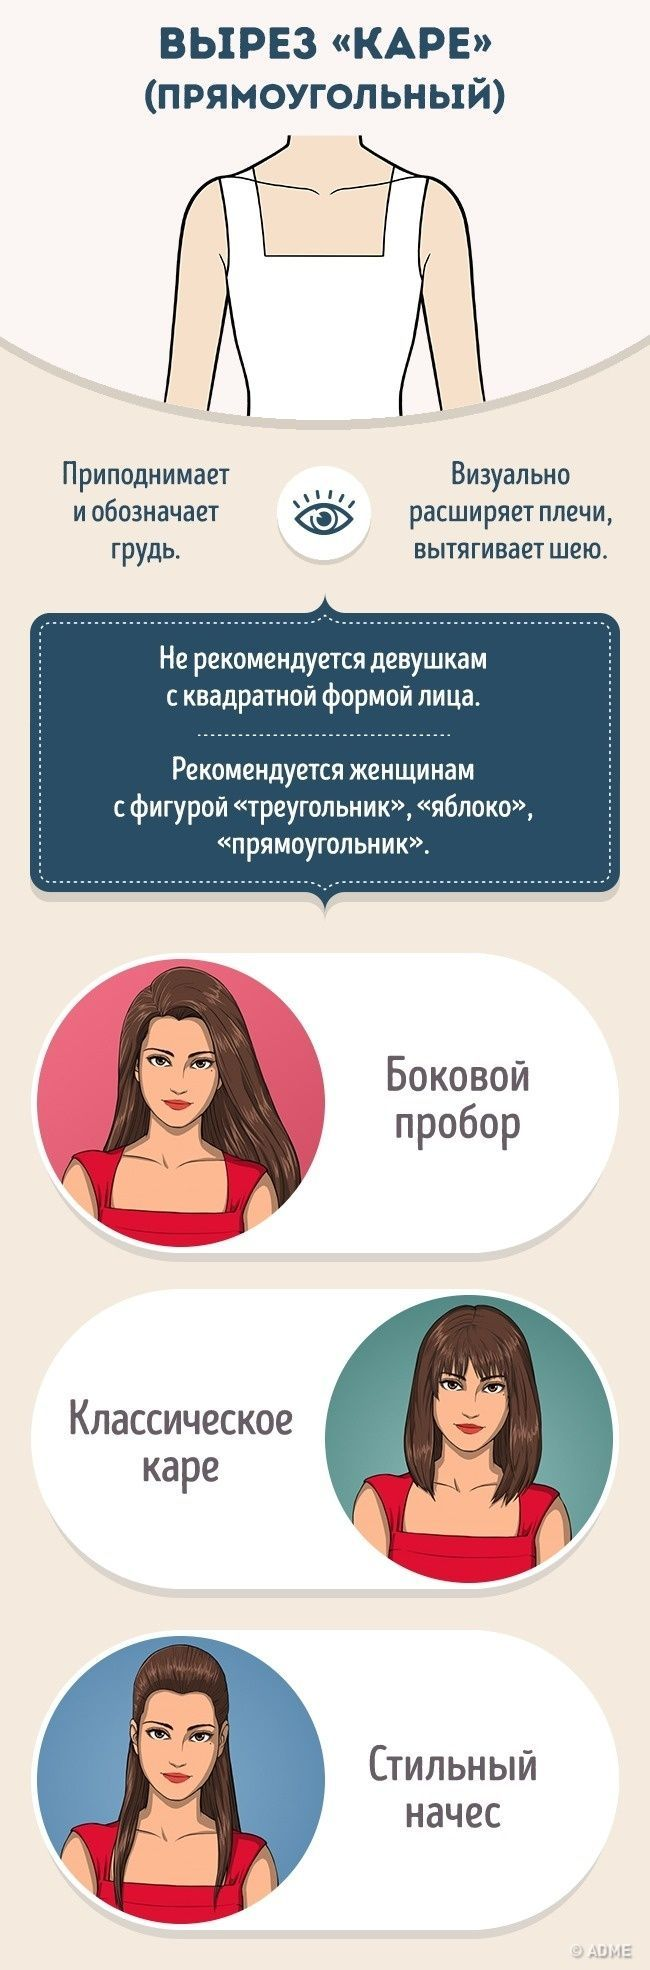 Как правильно сочетать прическу ивырез наплатье